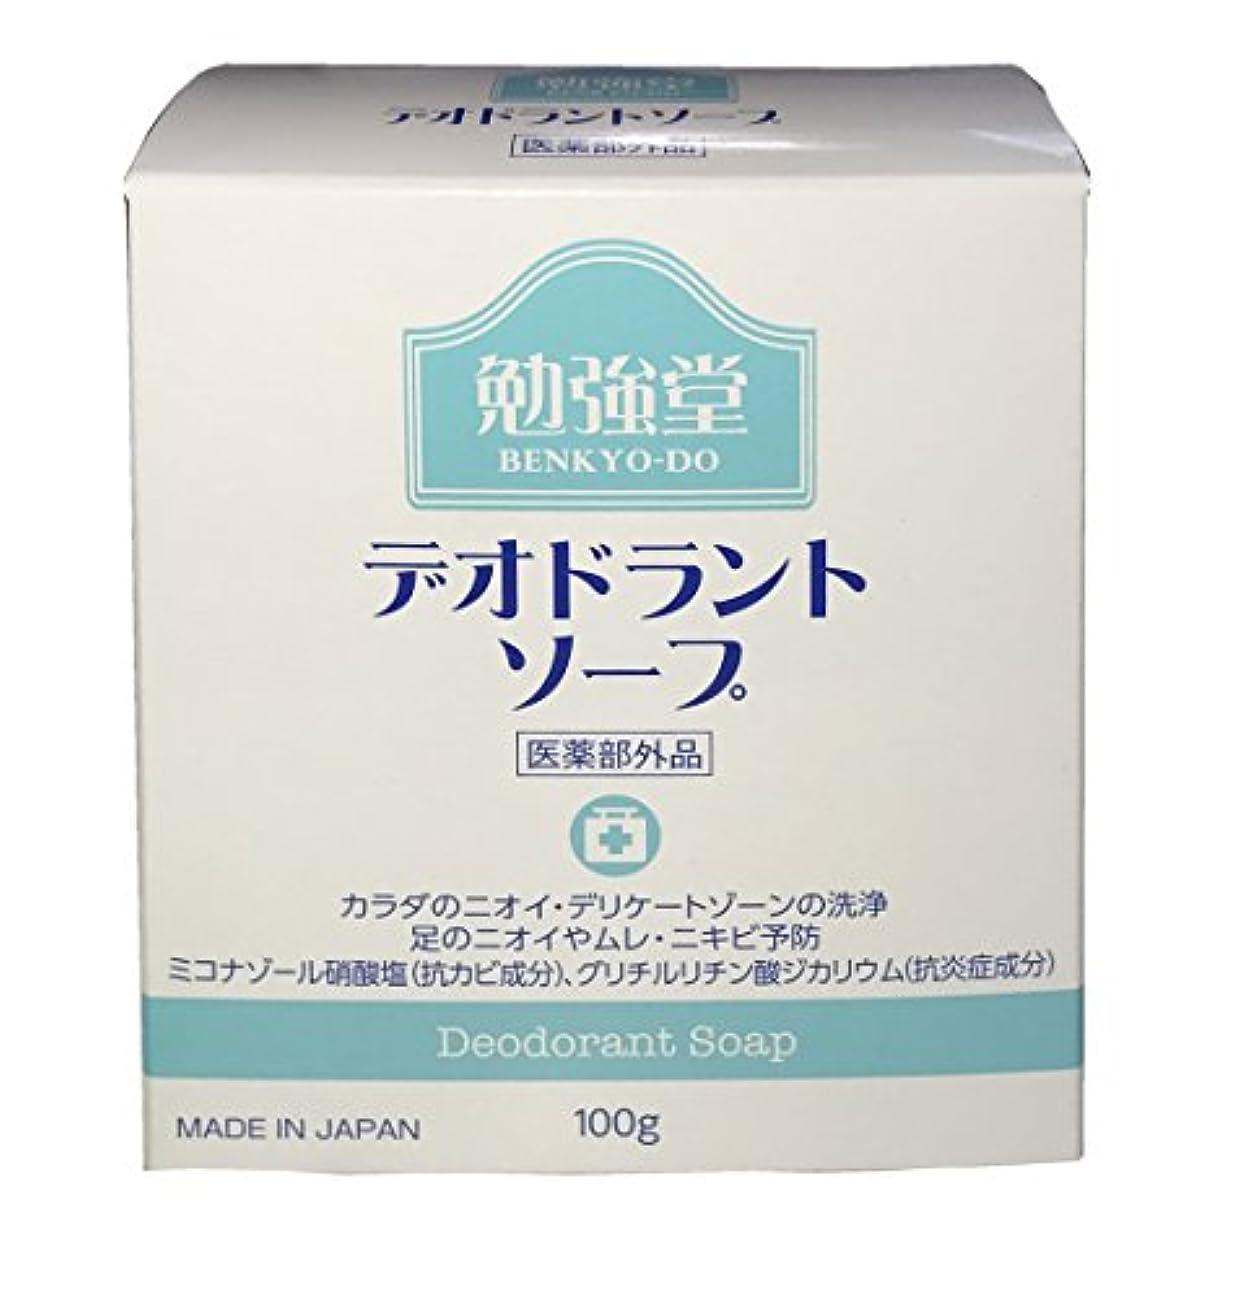 カウント牛肉センチメンタル勉強堂 デオドラント ソープ 100g [医薬部外品]